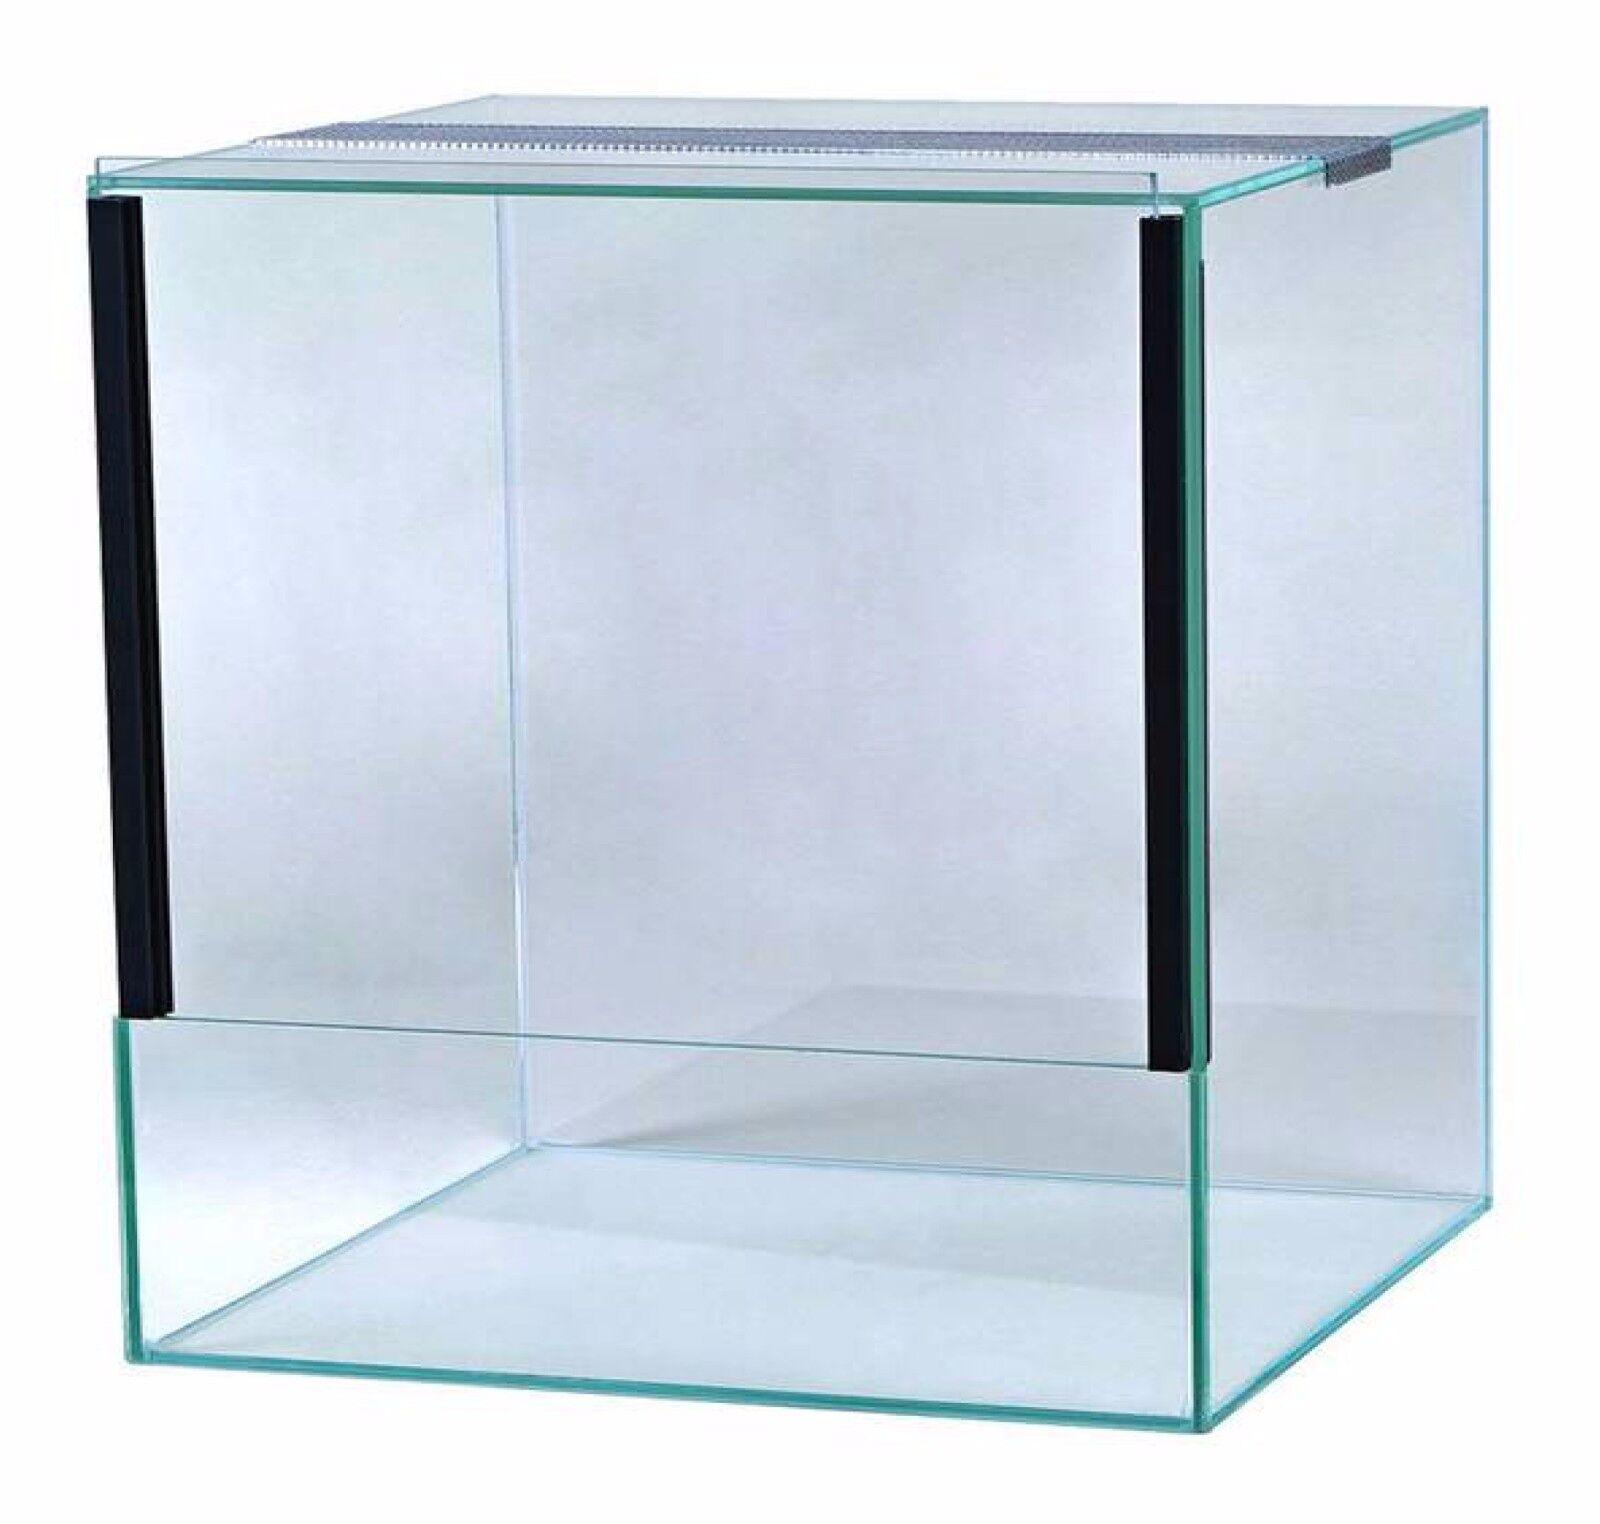 Glas Terrarium Schiebetür Falltür Glasterrarium Reptilien Spinnen viele Größen 40x40x40 Falltür